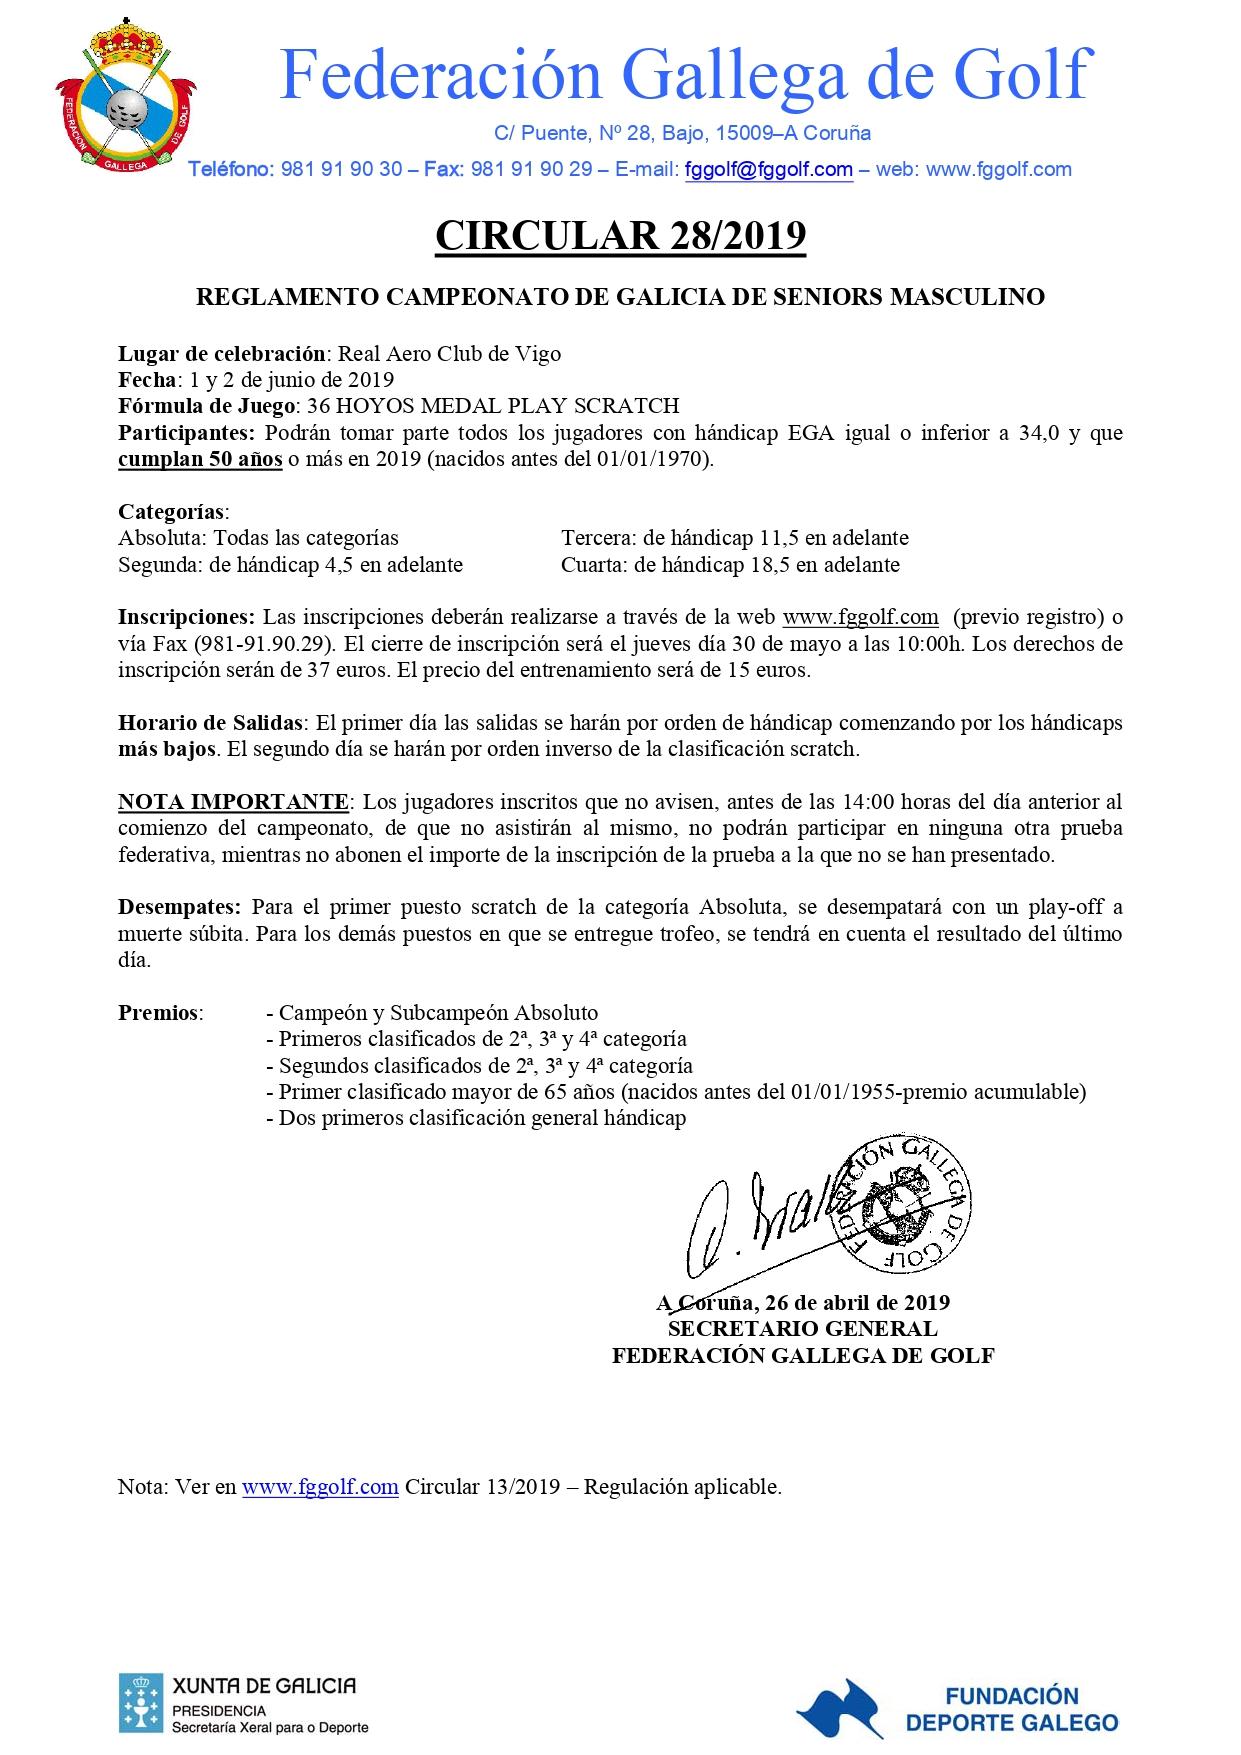 CAMPEONATO DE GALICIA SENIORS MASCULINO 2019